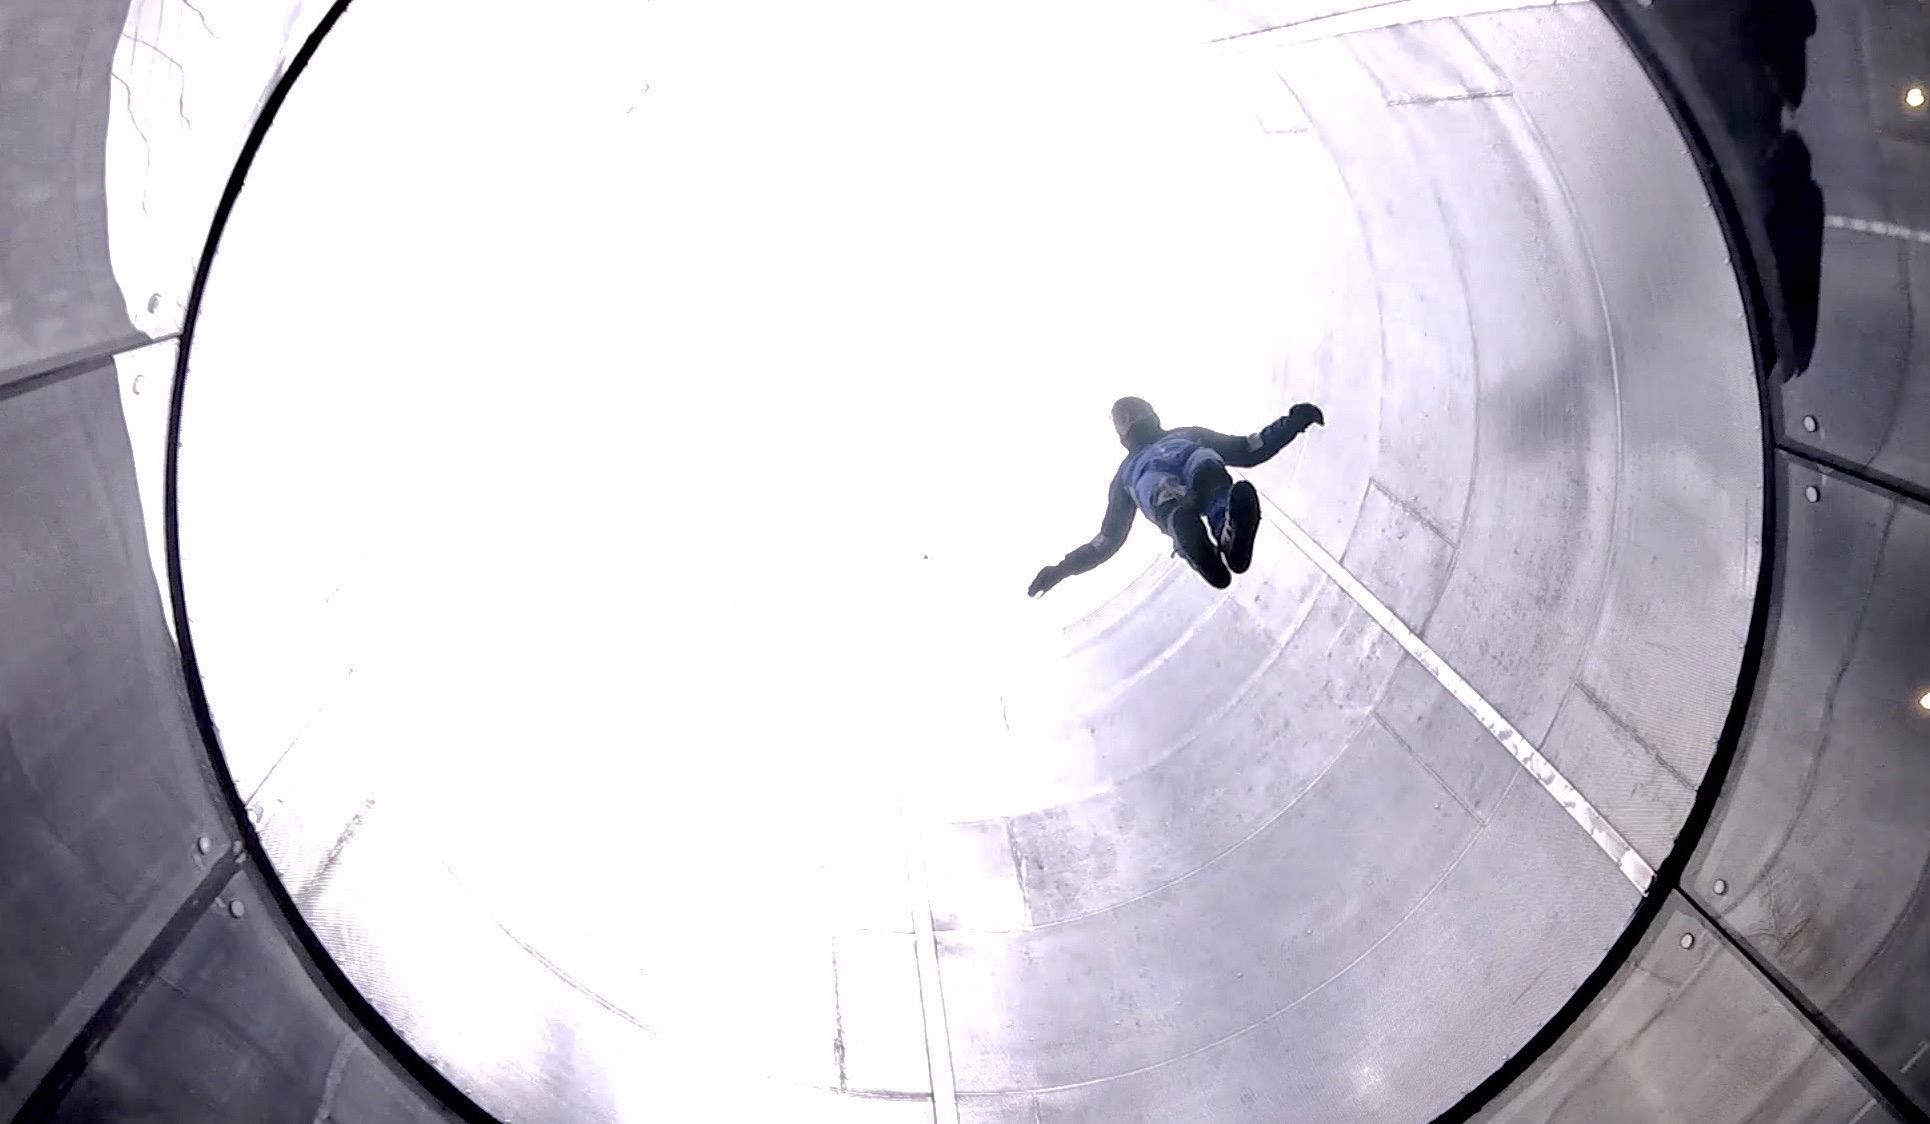 PRO-flyver Zonen Indoor Skydiving